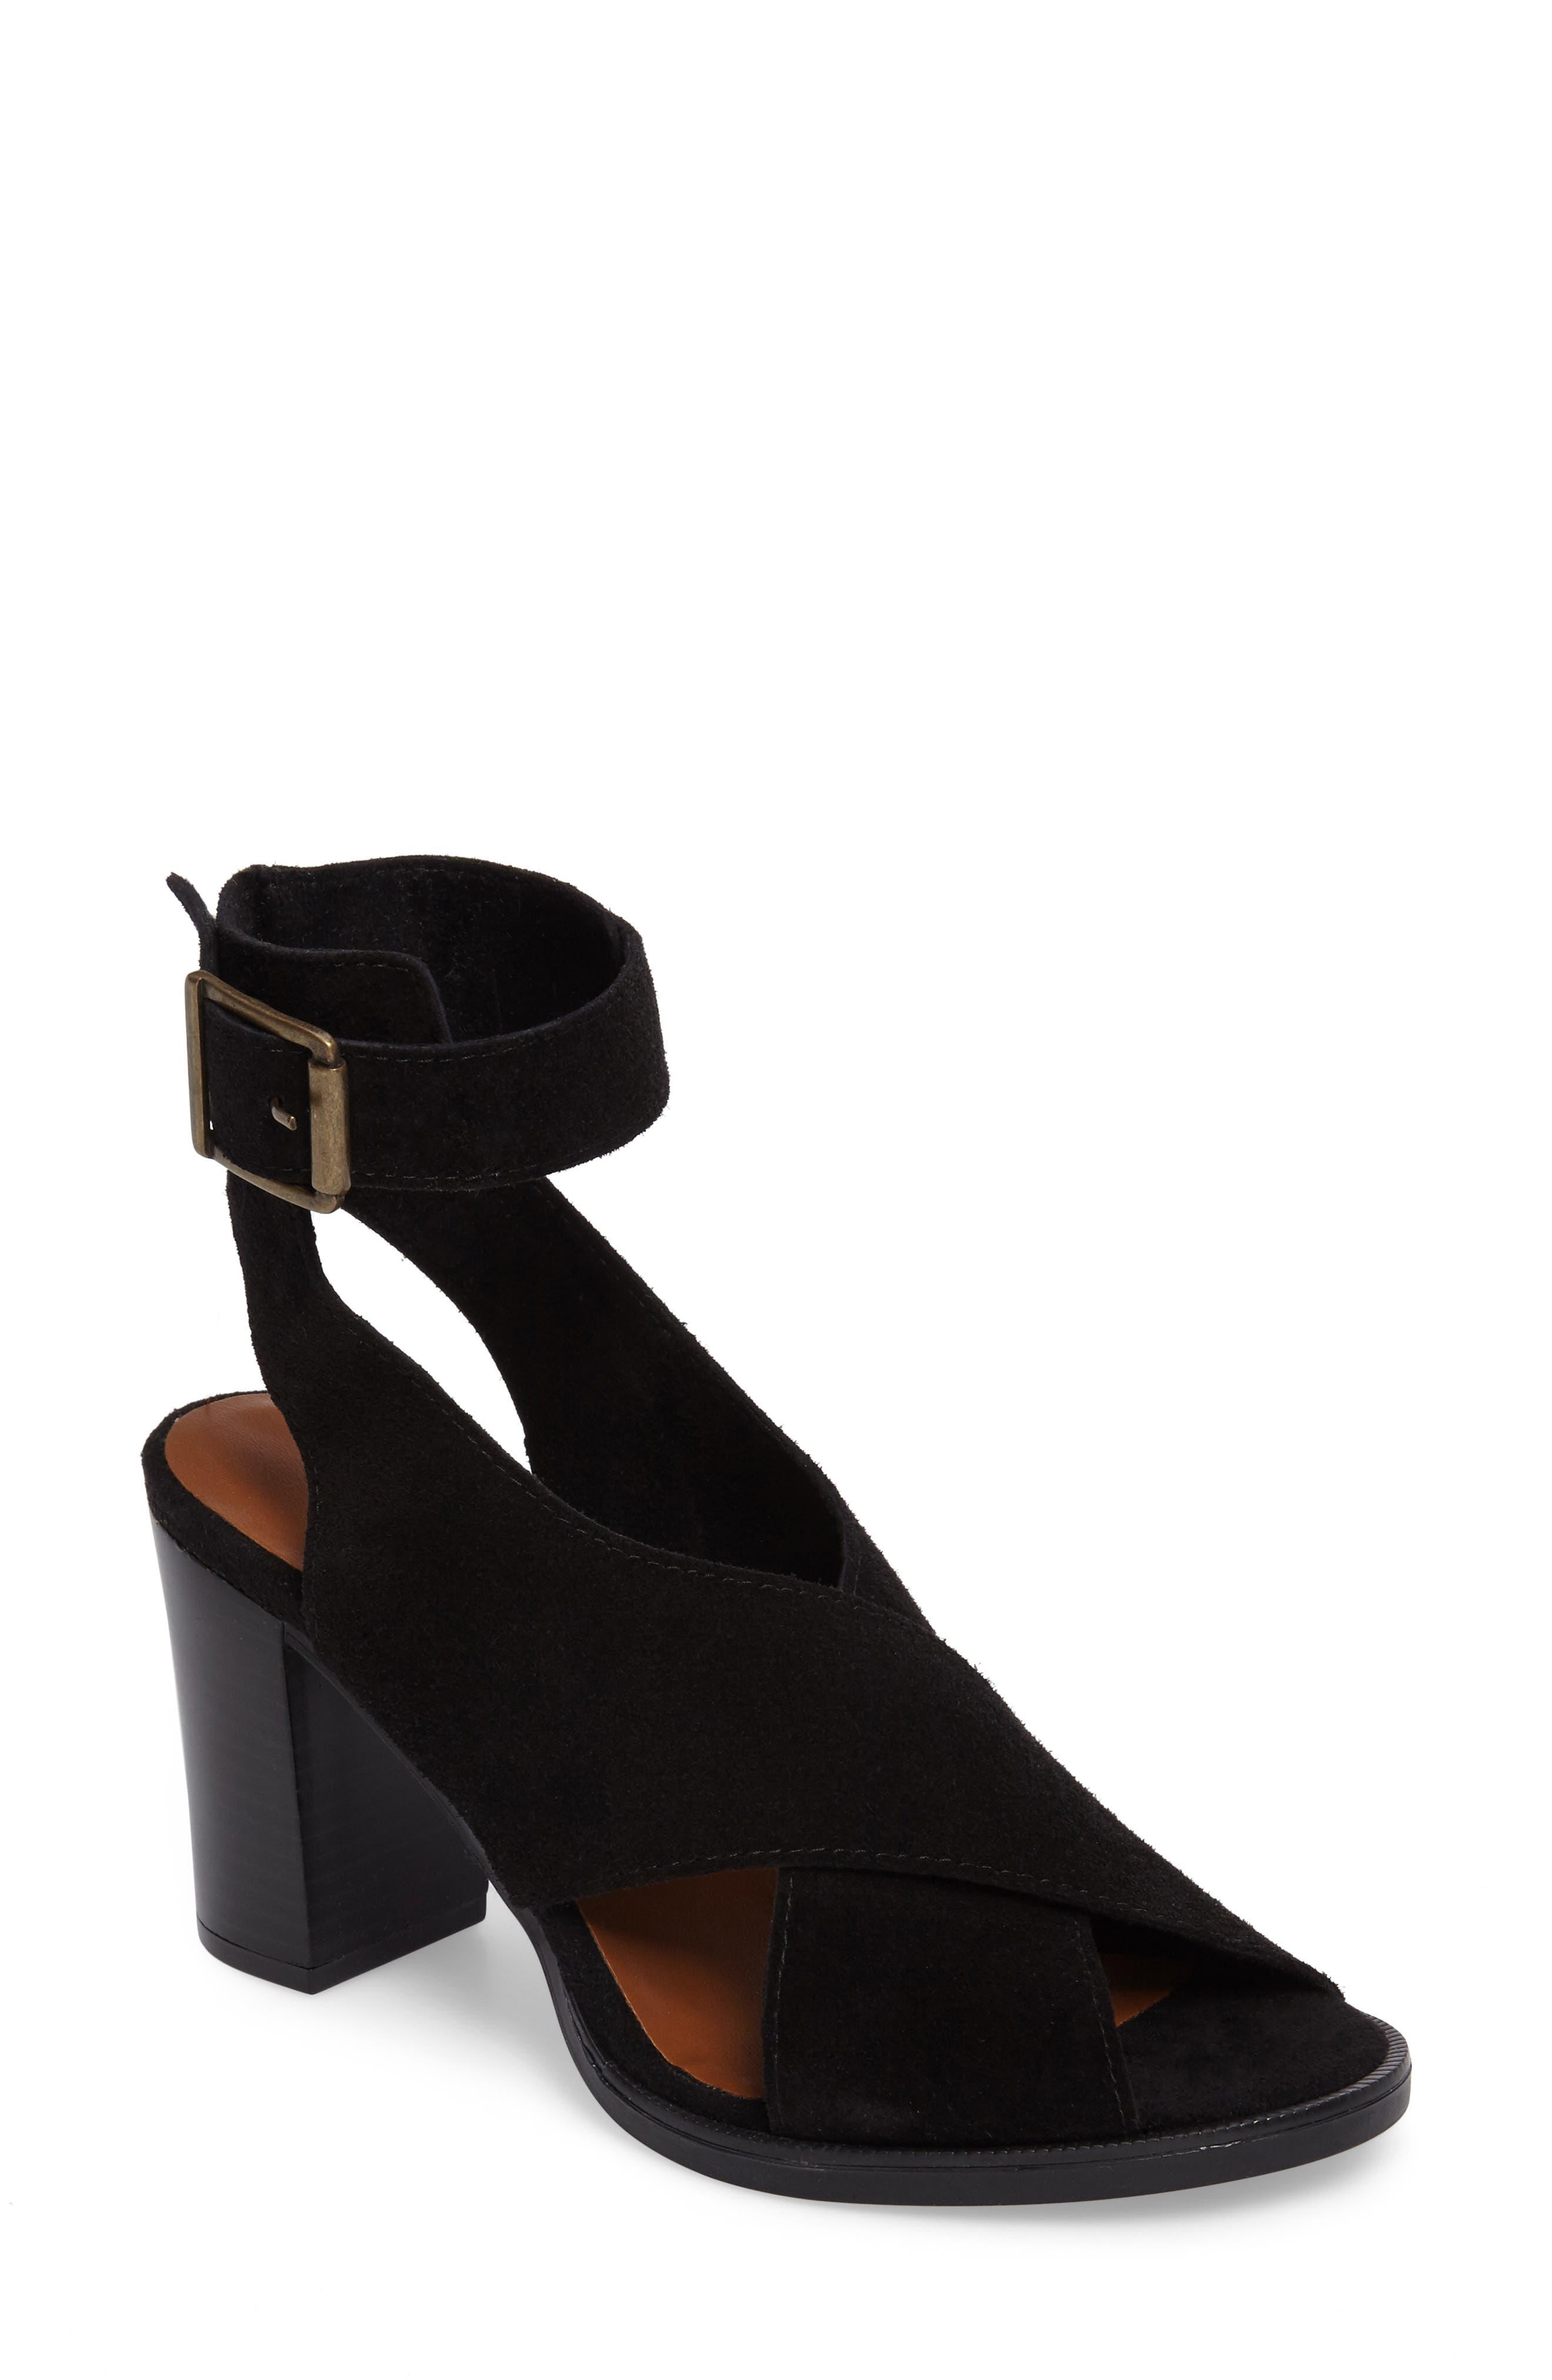 Lil Ankle Wrap Sandal,                             Main thumbnail 1, color,                             Black Suede